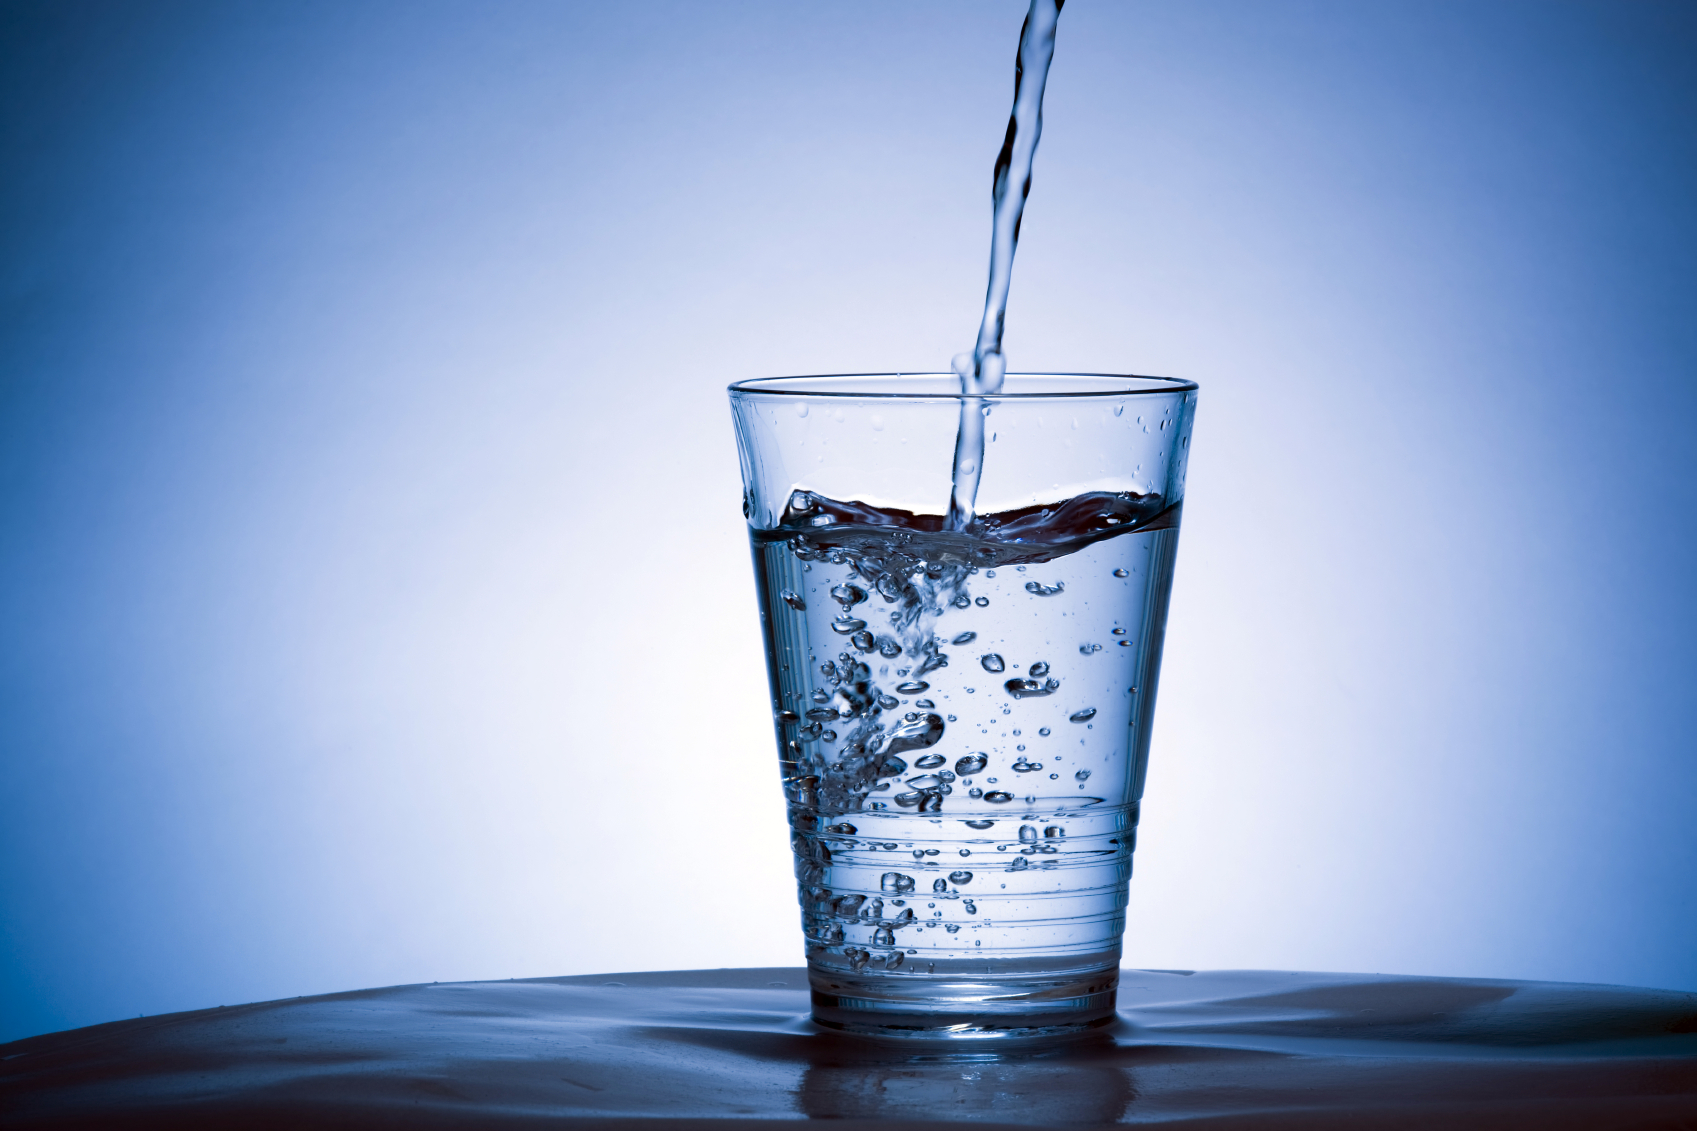 سلامة المياه